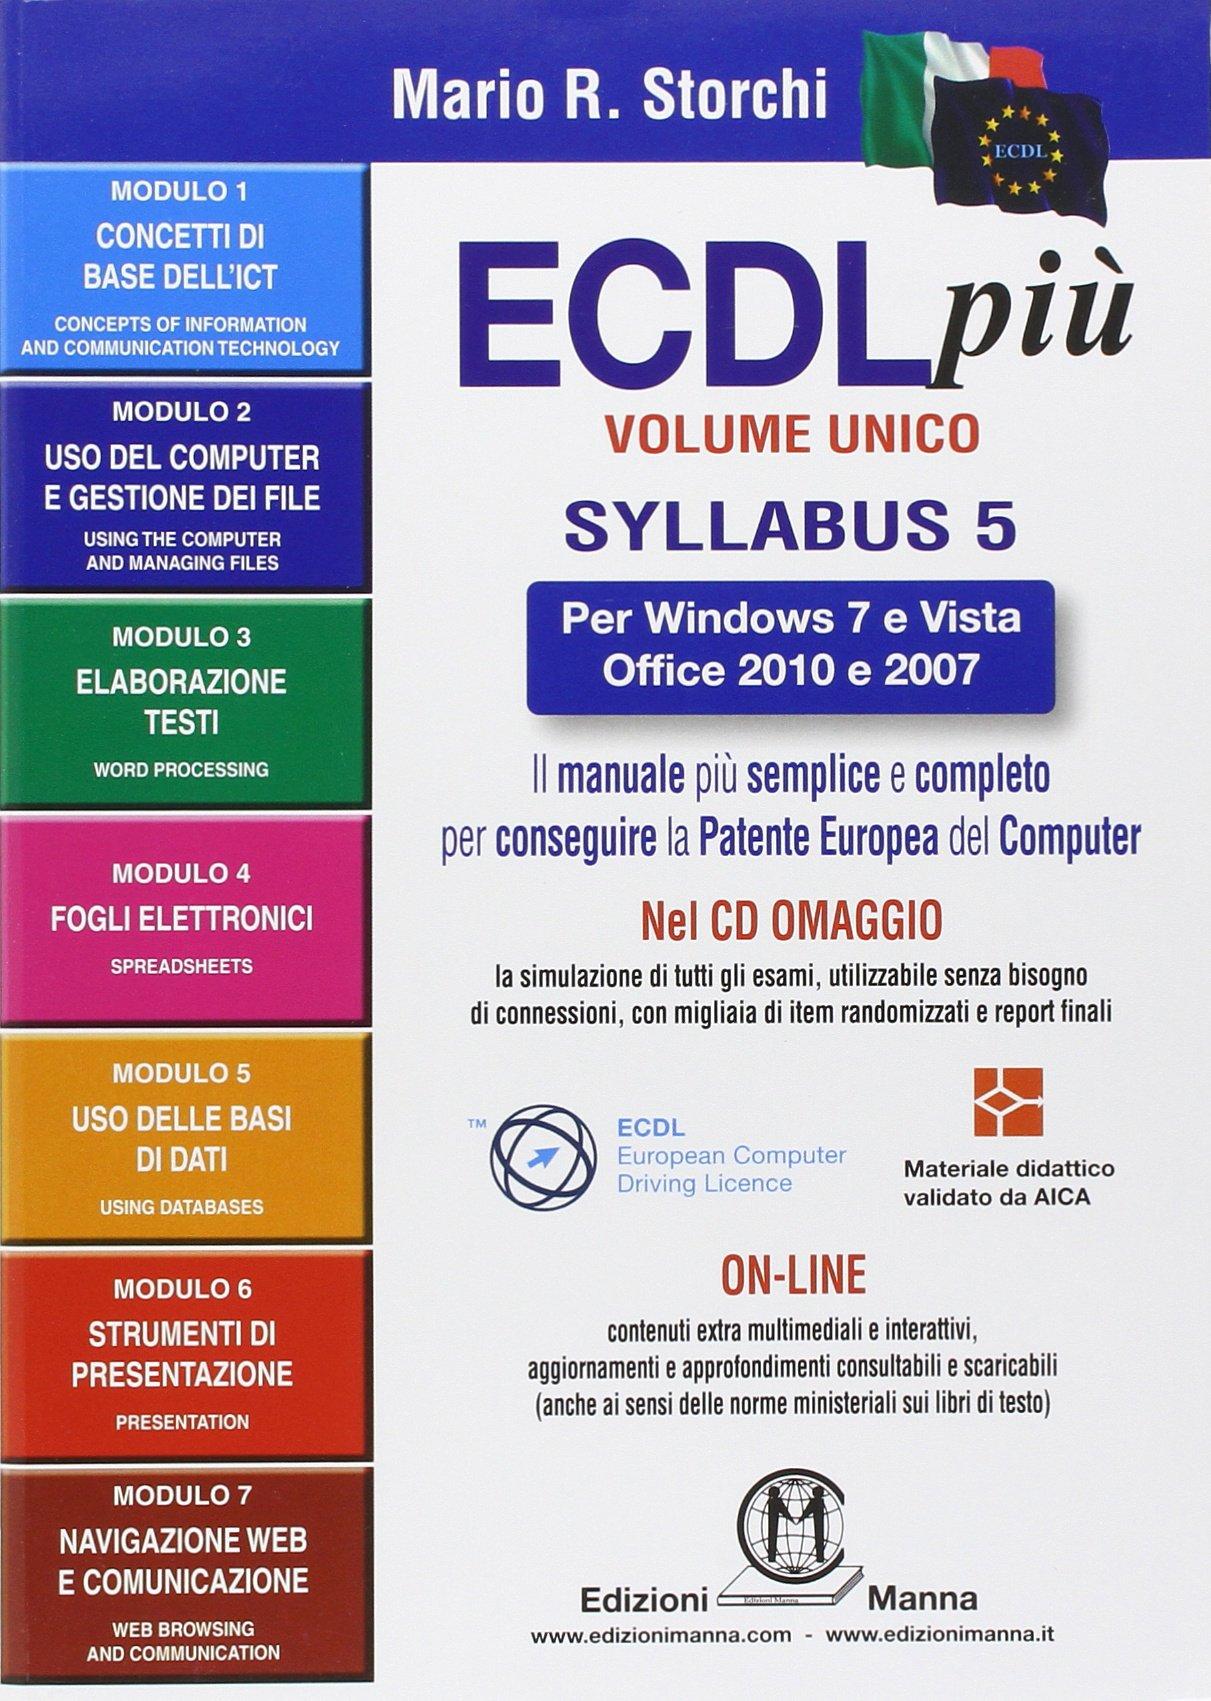 KIT completo per la Nuova ECDL, comprende: (ECDL più volume unico) + (La nuova ECDL più moduli 1 e 2) + (La nuova ECDL più. IT Security e online collaboration) Rilegatura sconosciuta – 1 feb 2014 Edizioni Manna 888775280X